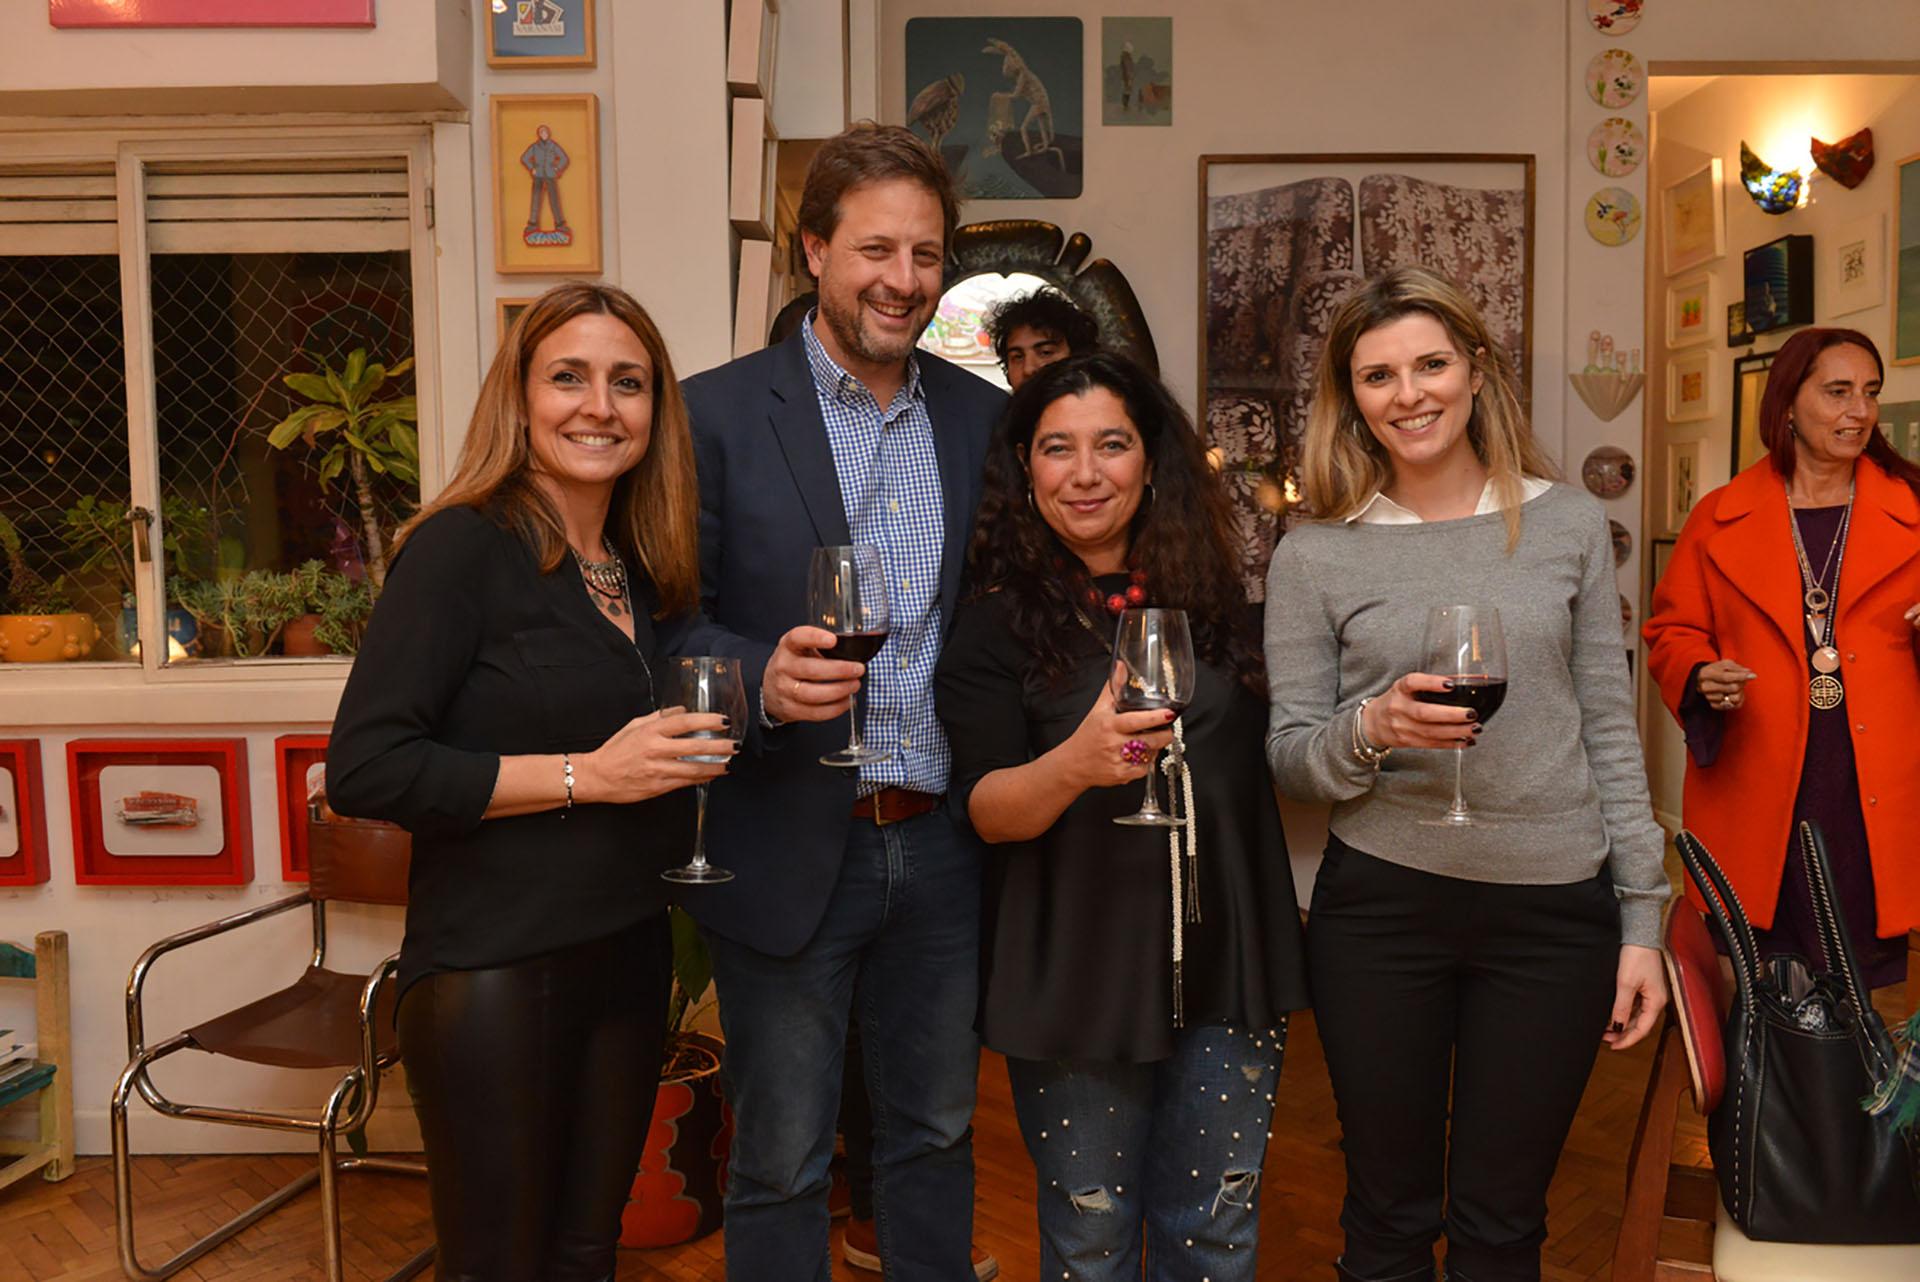 El empresario Andrés Ostropolsky junto a su mujer aompañados por Mariela Ivanier y Yeal Nahir, cónsul y jefa de Administración de la Embajada de Israel